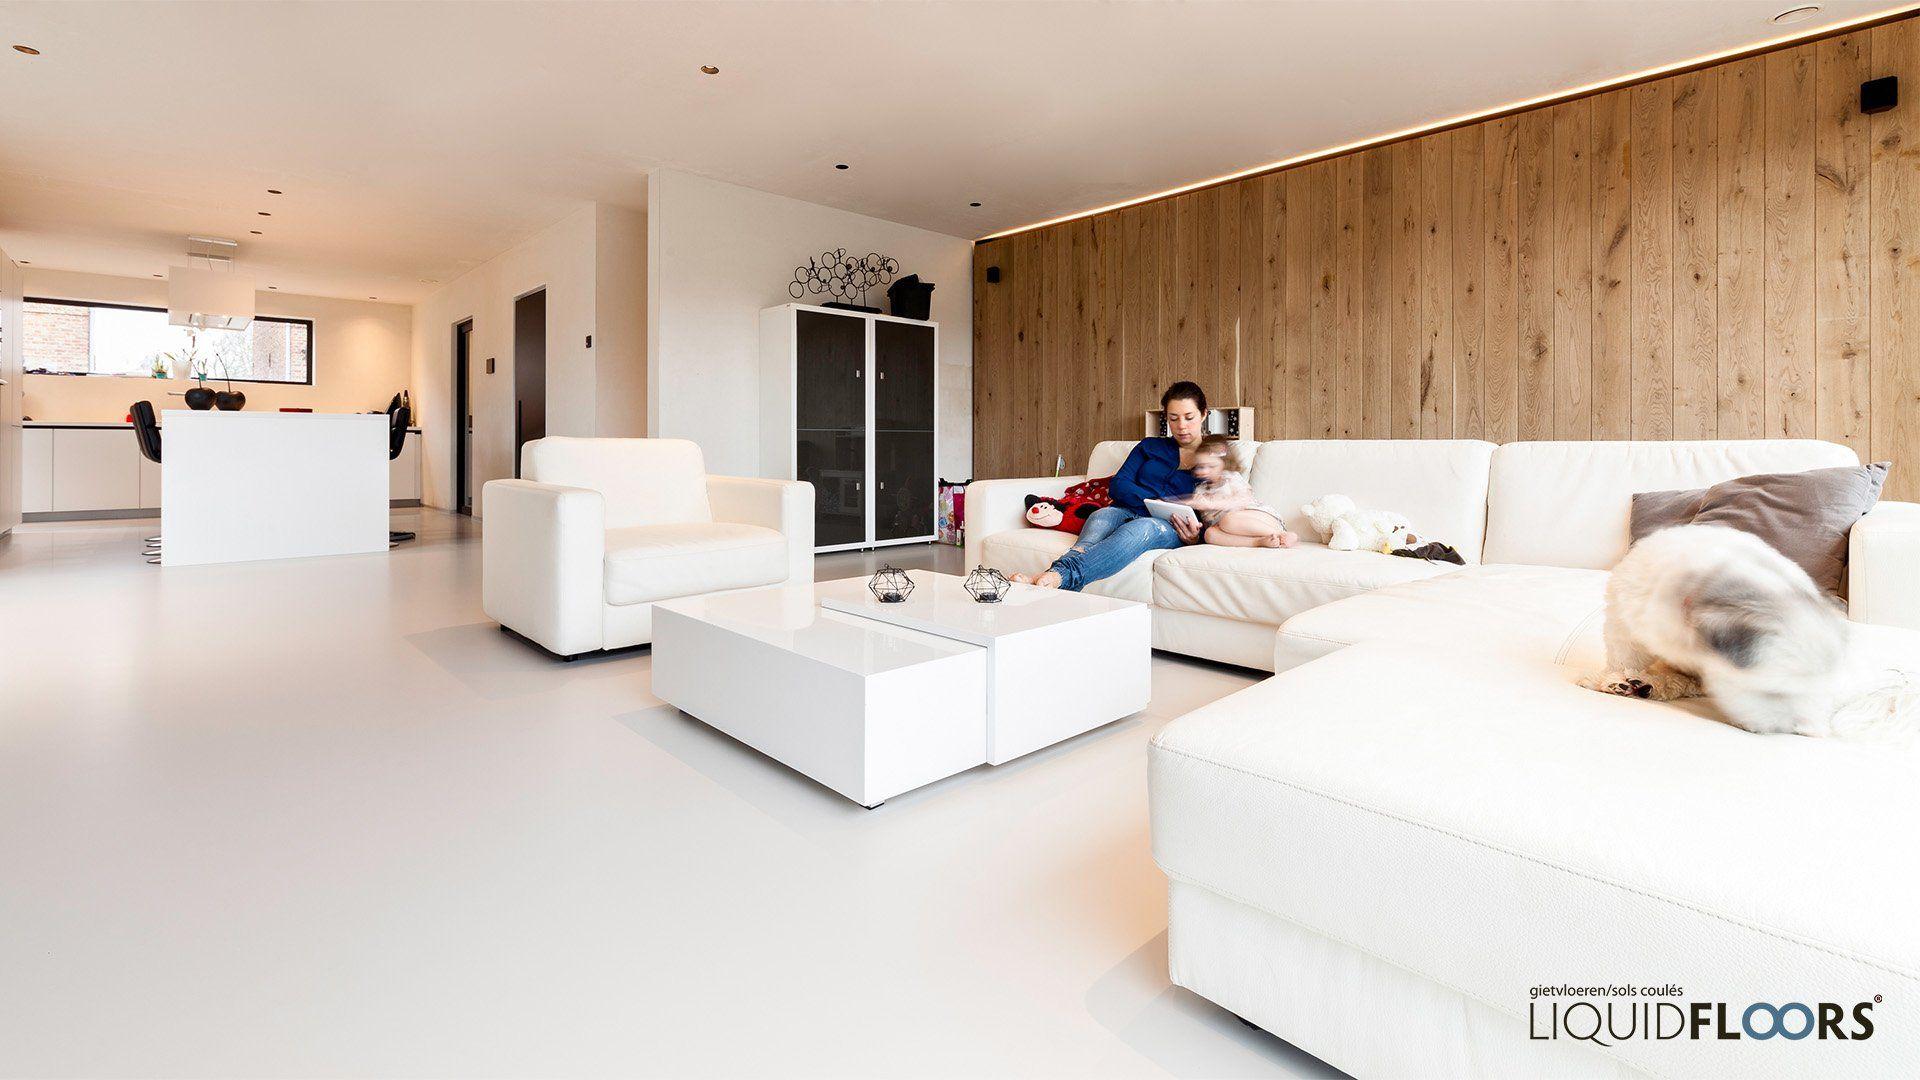 Exclusieve Gietvloer Woonkamer : Naadloze design gietvloer in woonkamer liquidfloors gietvloeren